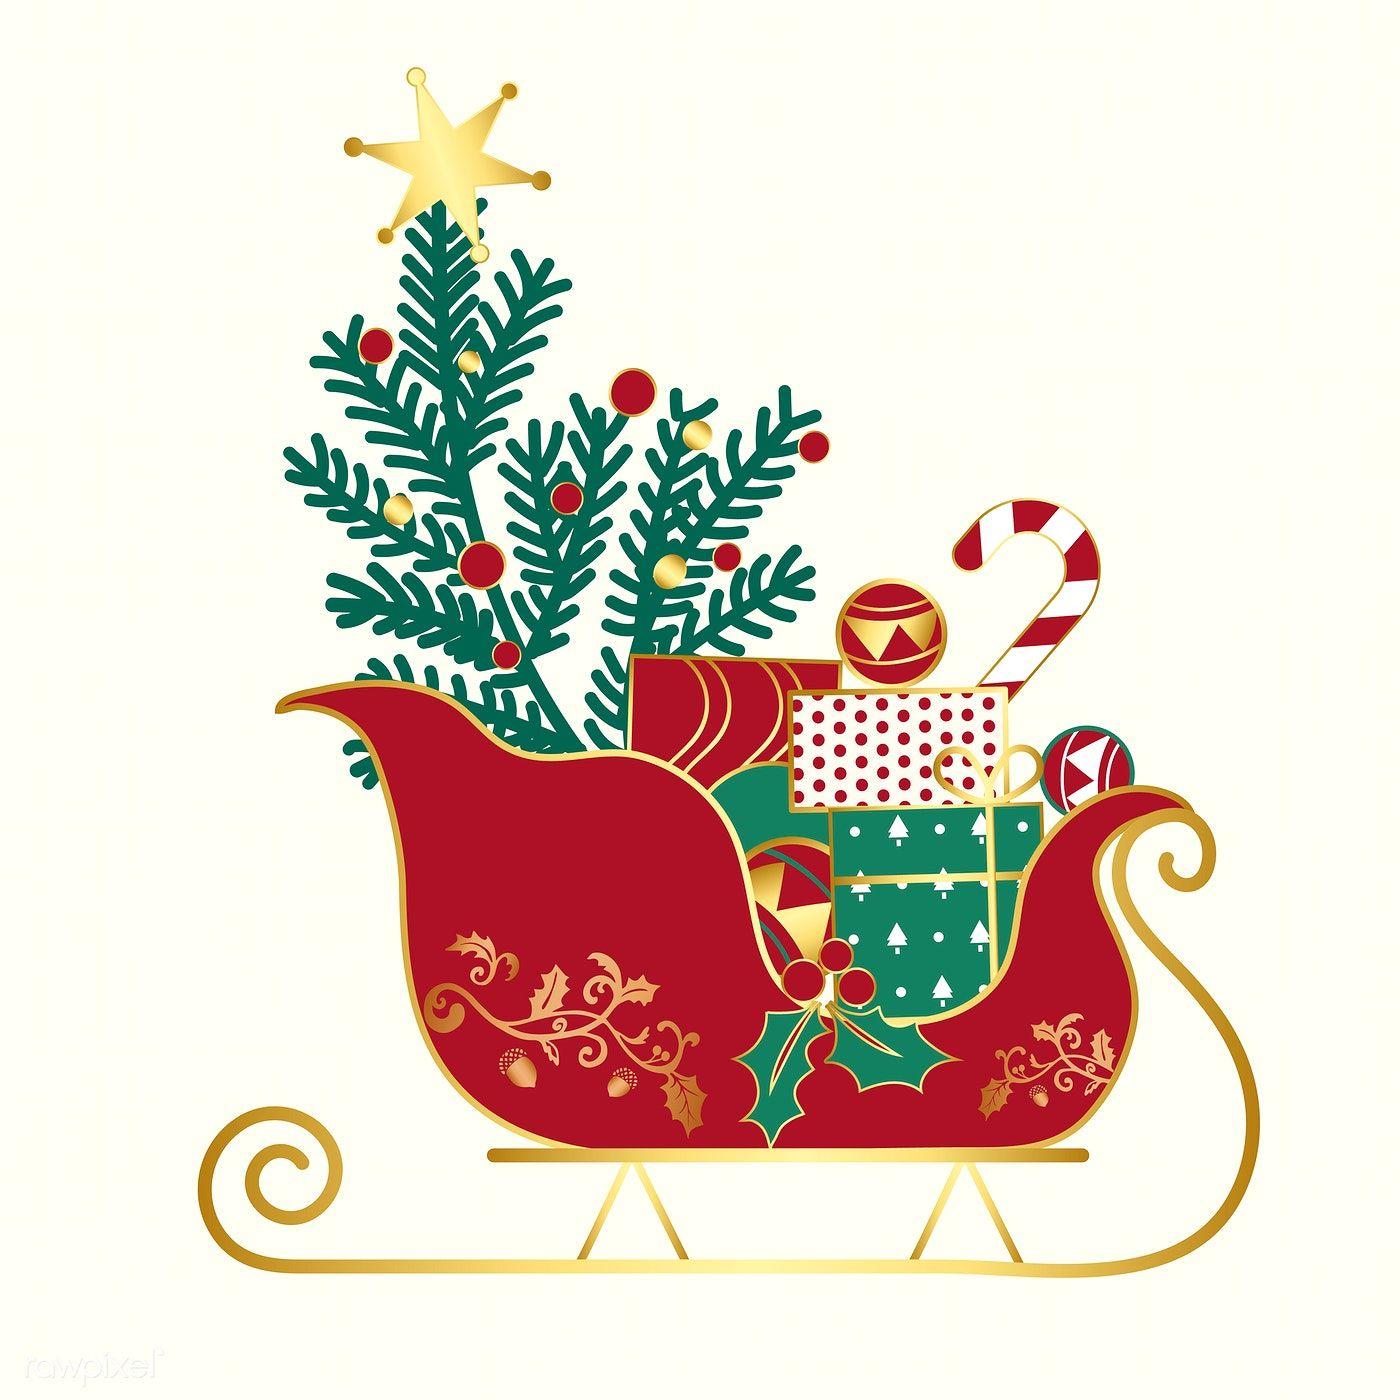 Christmas Presents On A Sledge Vector Free Image By Rawpixel Com Busbus Weihnachtsbild Geschenke Weihnachtsgeschenke